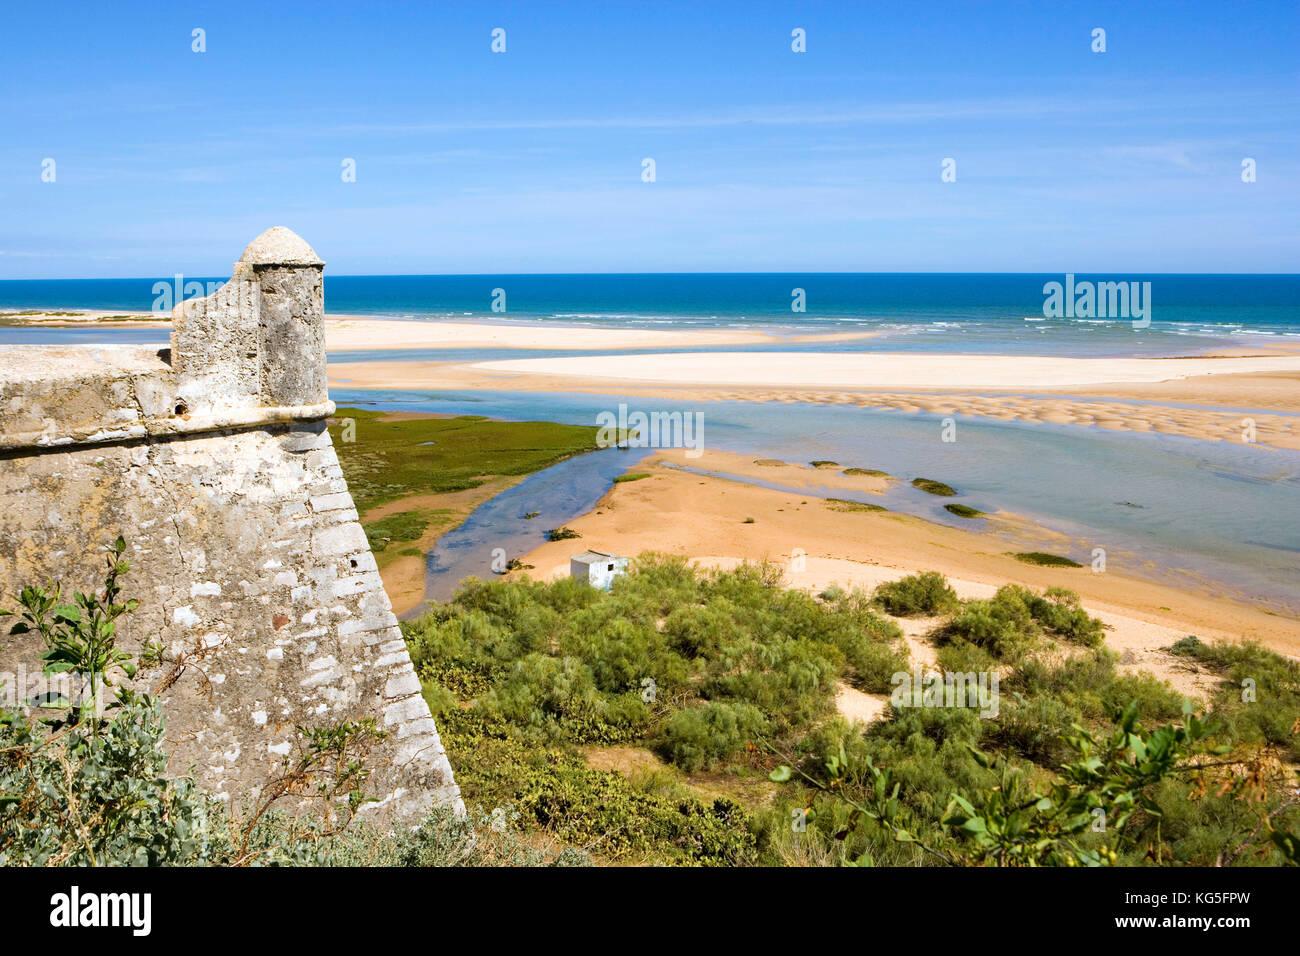 Cacela velha, piccolo villaggio sulla costa vicino alla laguna Ria Formosa, resti di un cartello Immagini Stock